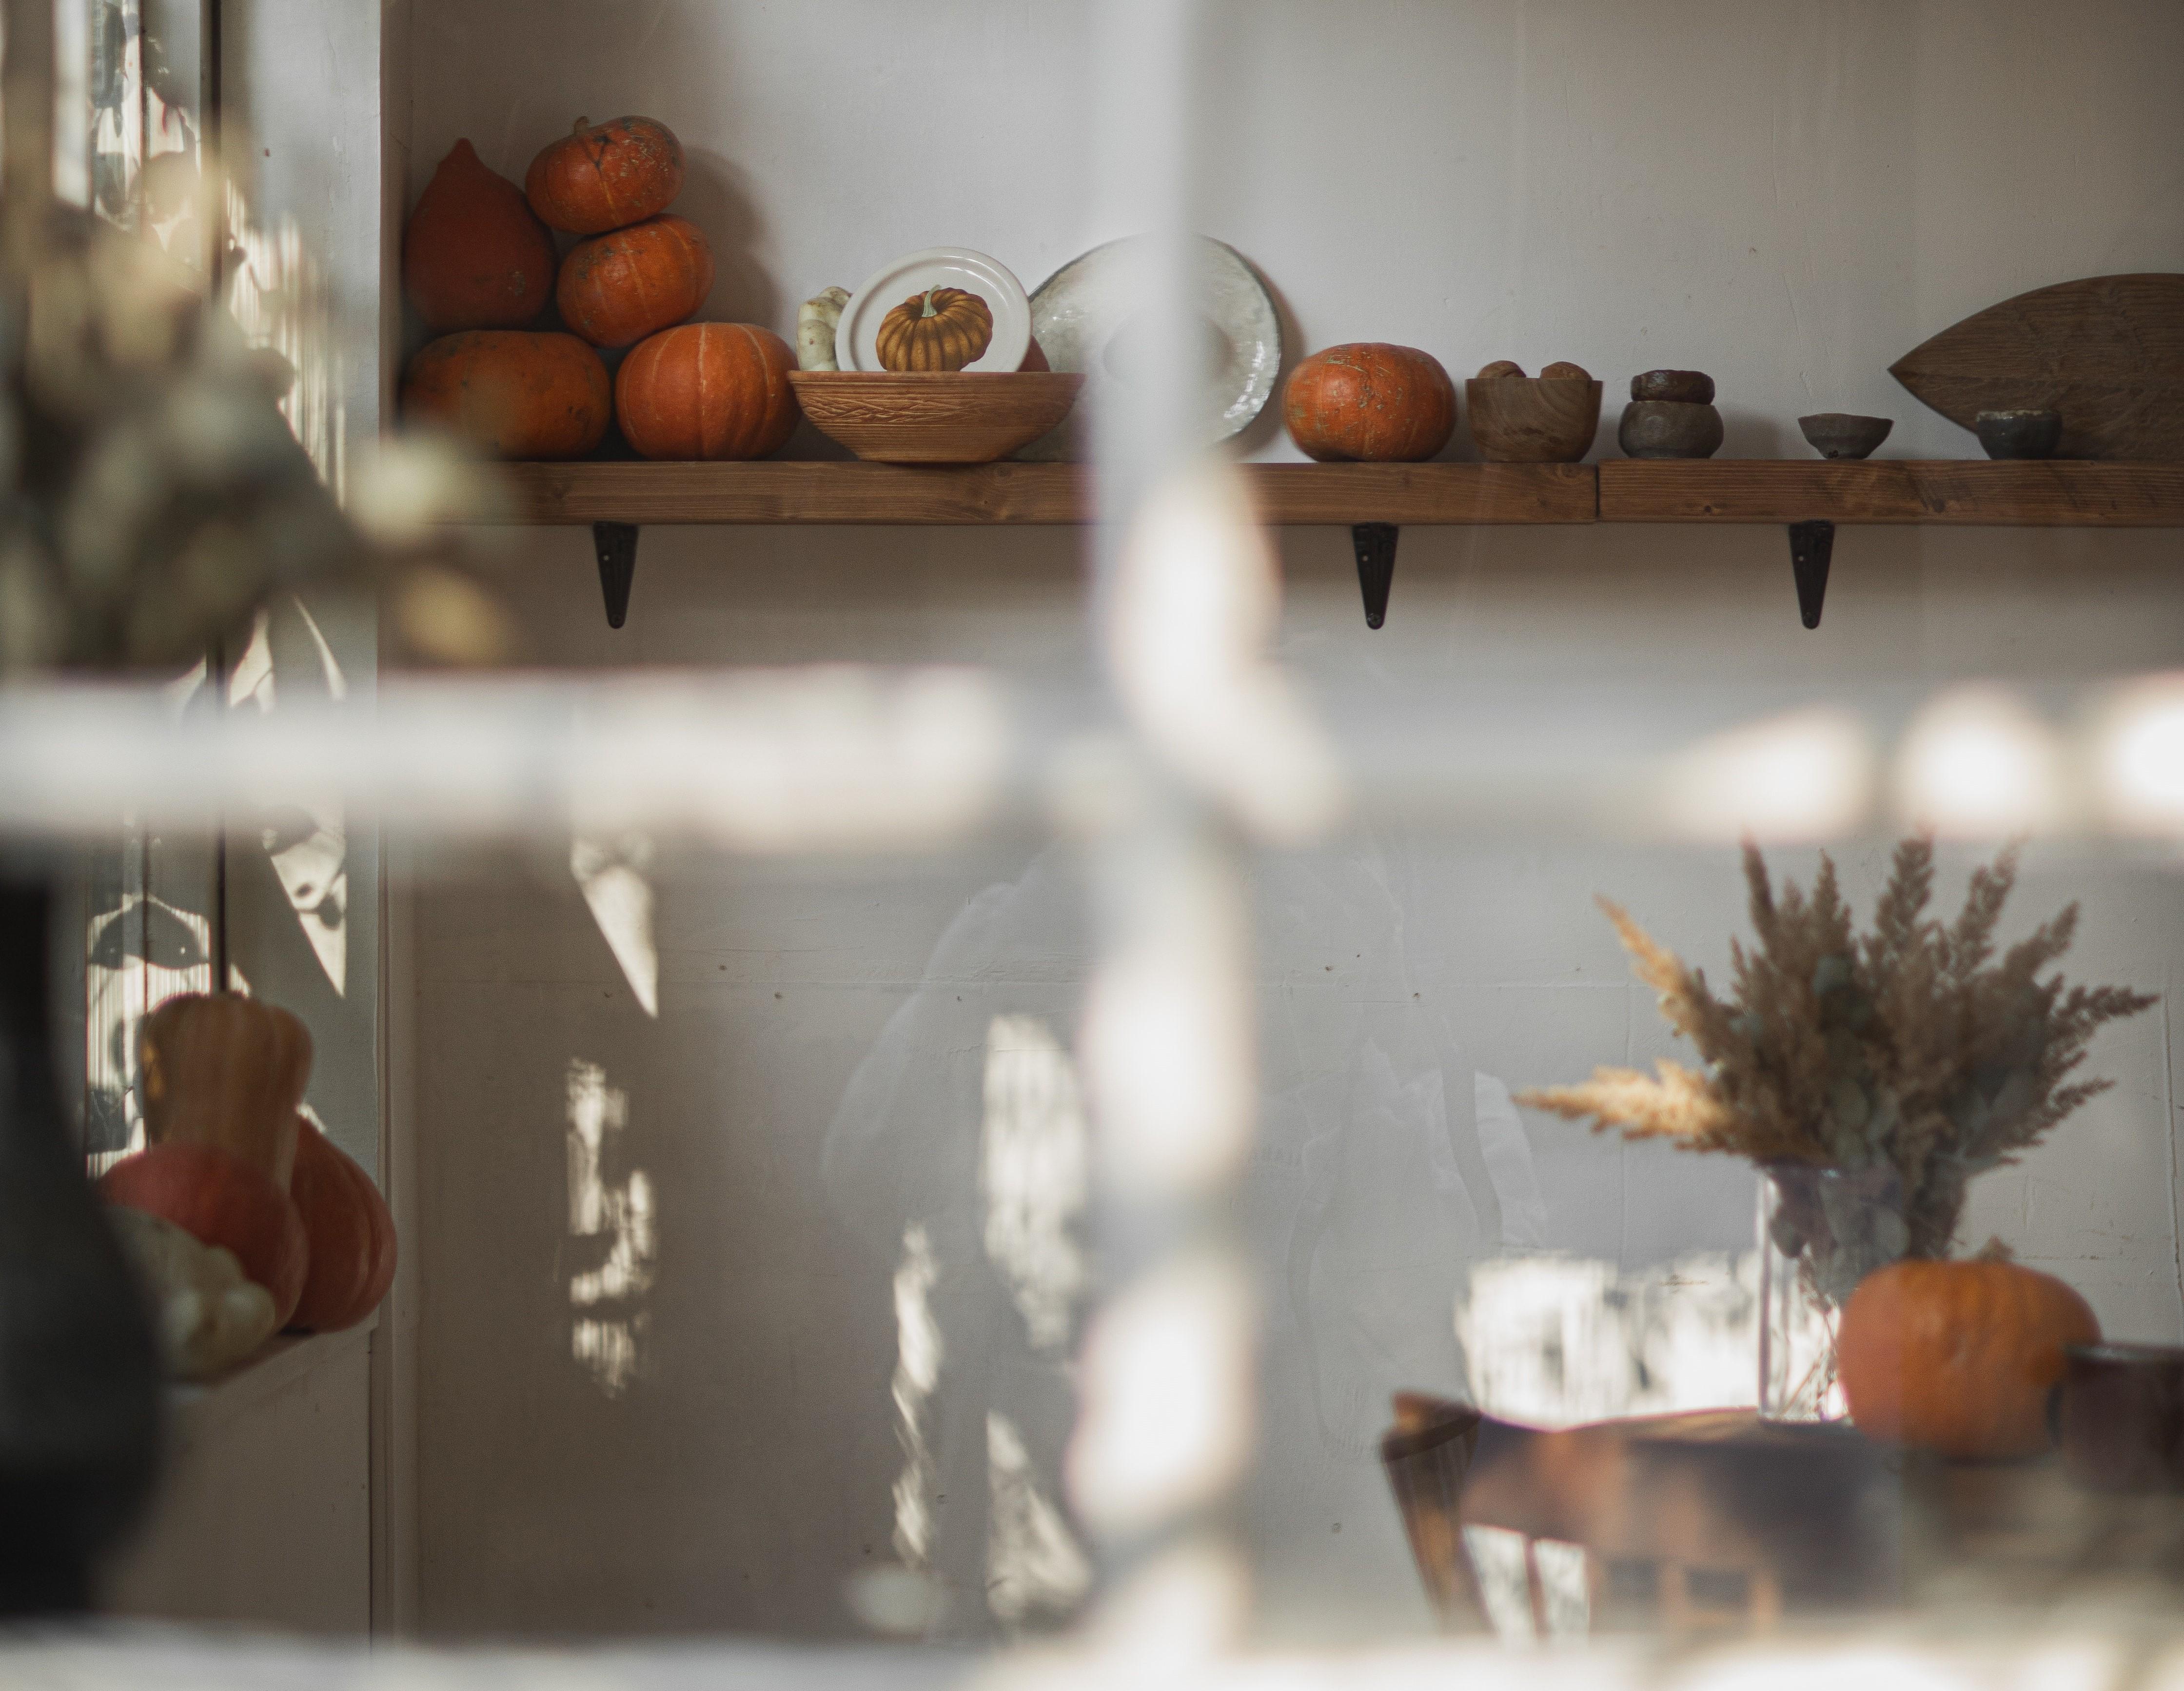 Herbstliche Küchen-Dekoration mit Deko-Kürbissen